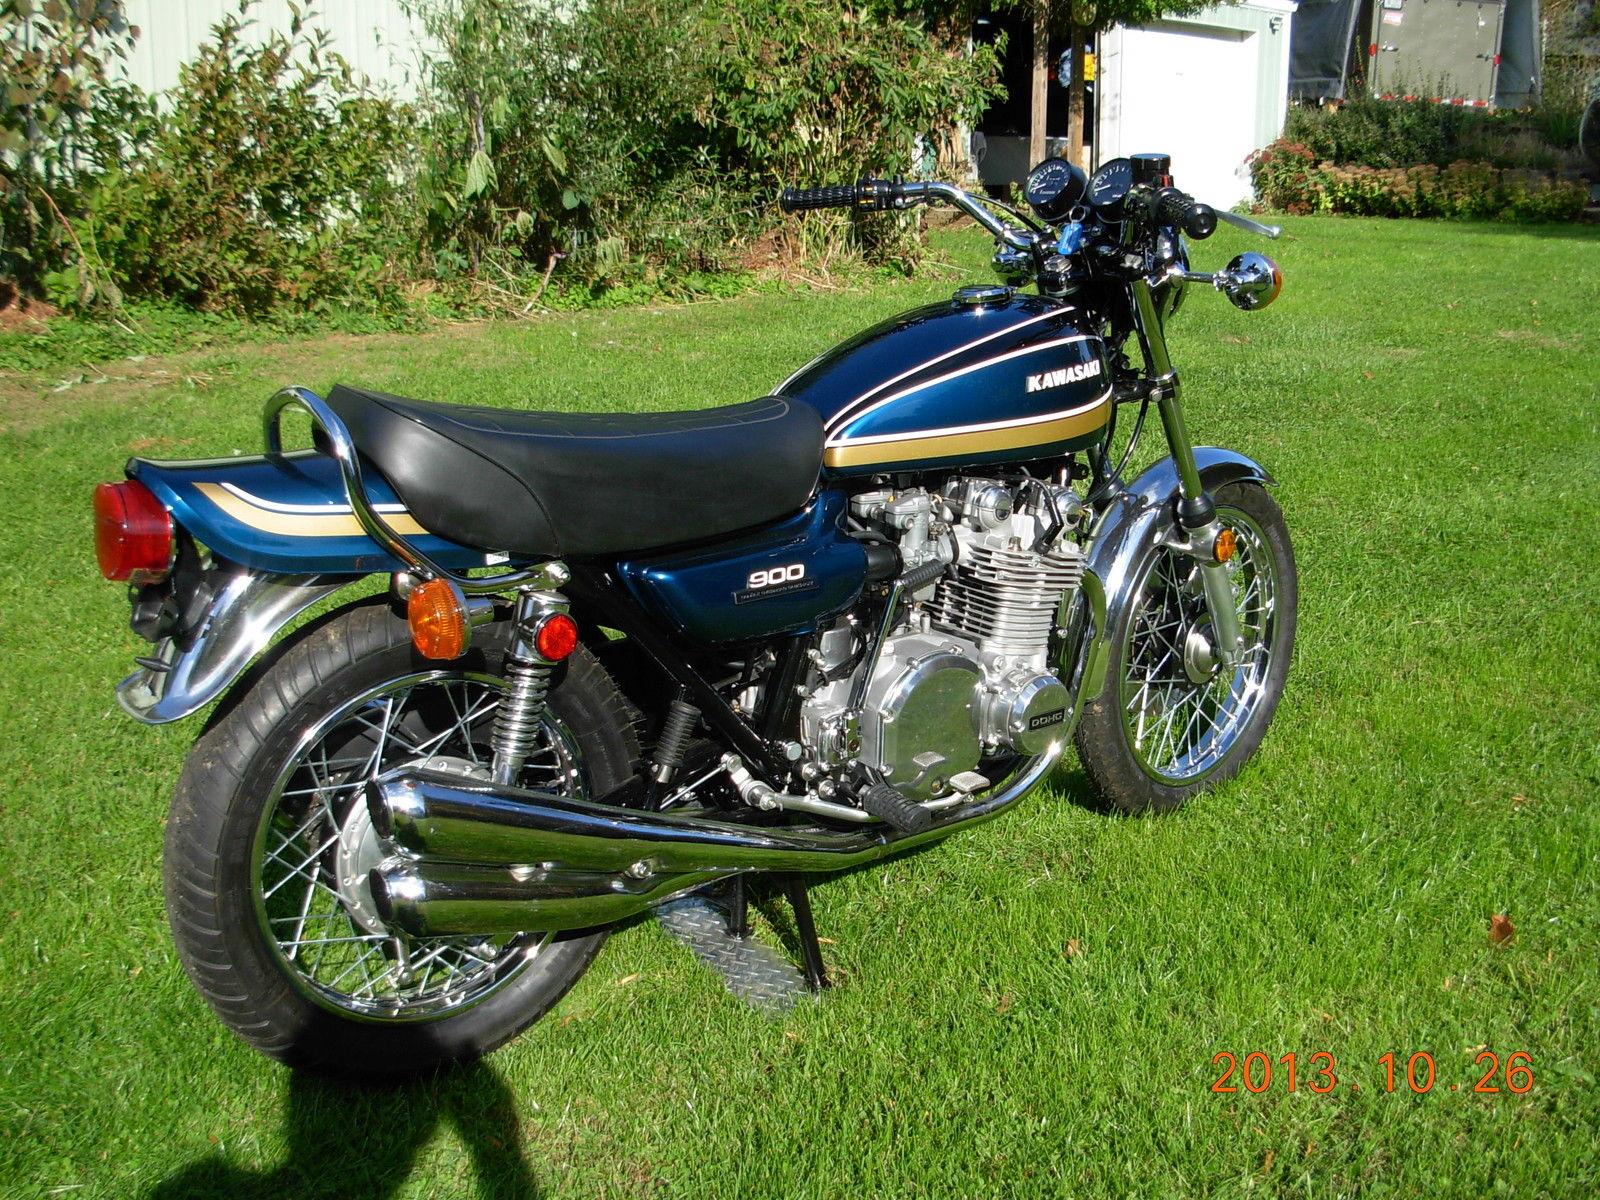 Restored Kawasaki Z1B 1975 Photographs at Clic Bikes Restored ...